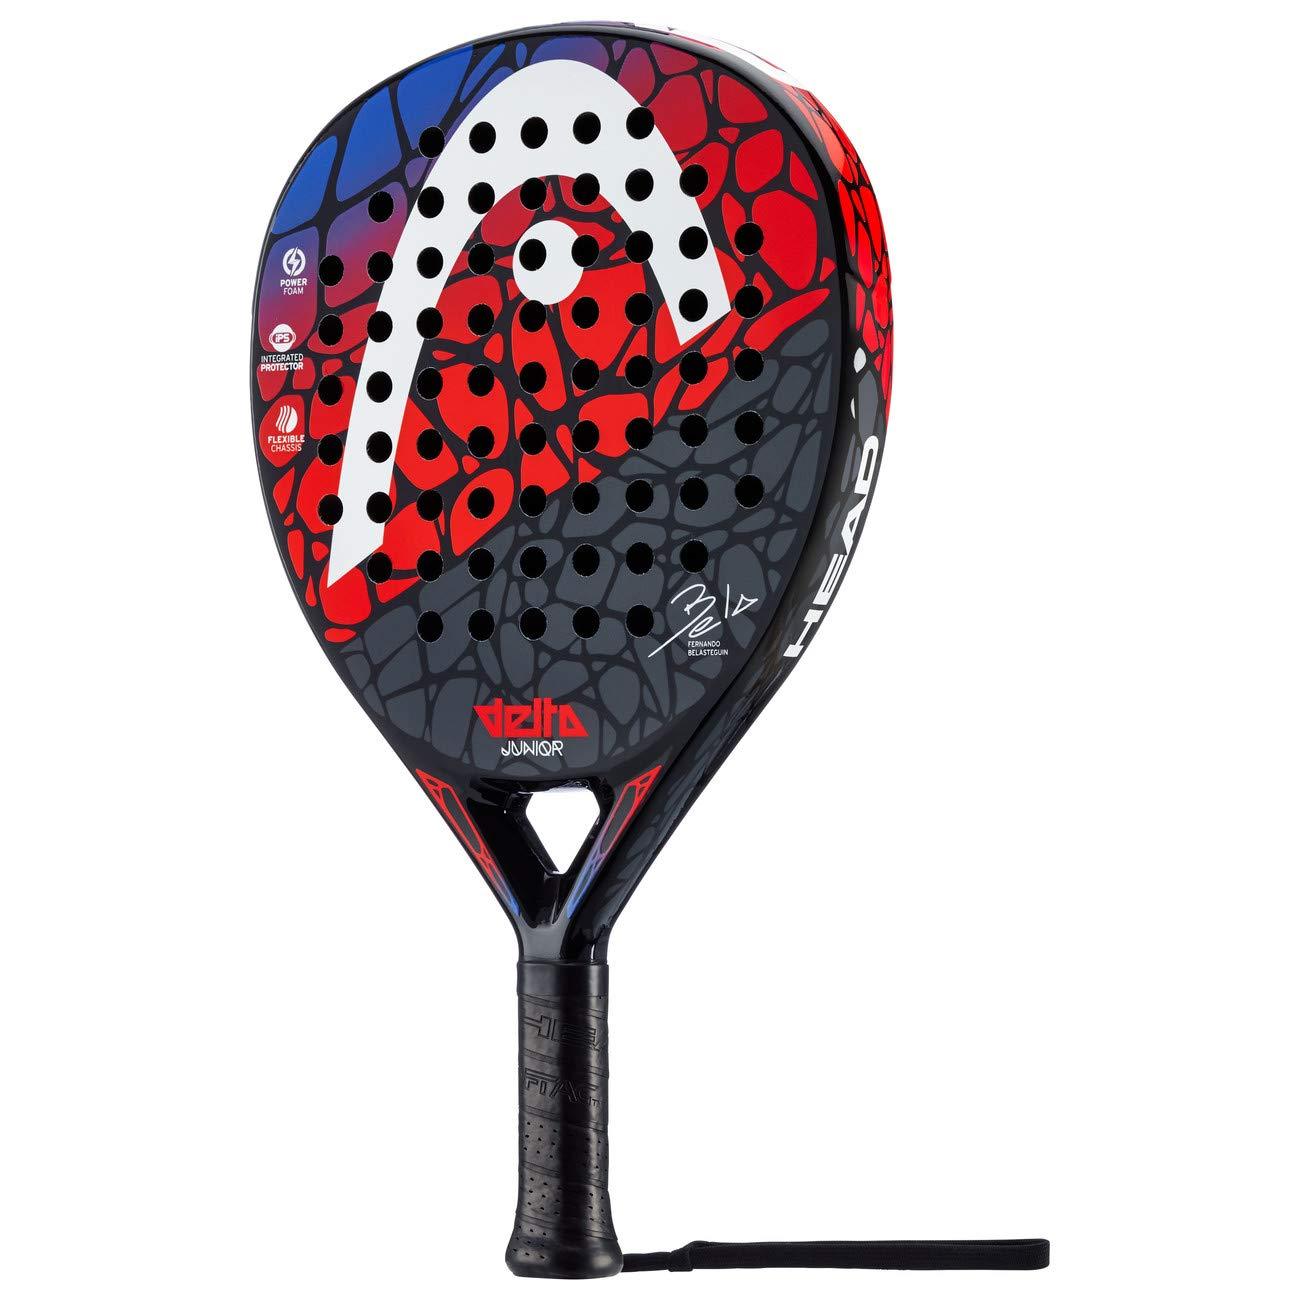 Head Delta Bela Jr. 2018 Tenis, Unisex niños, Multicolor, One Size ...